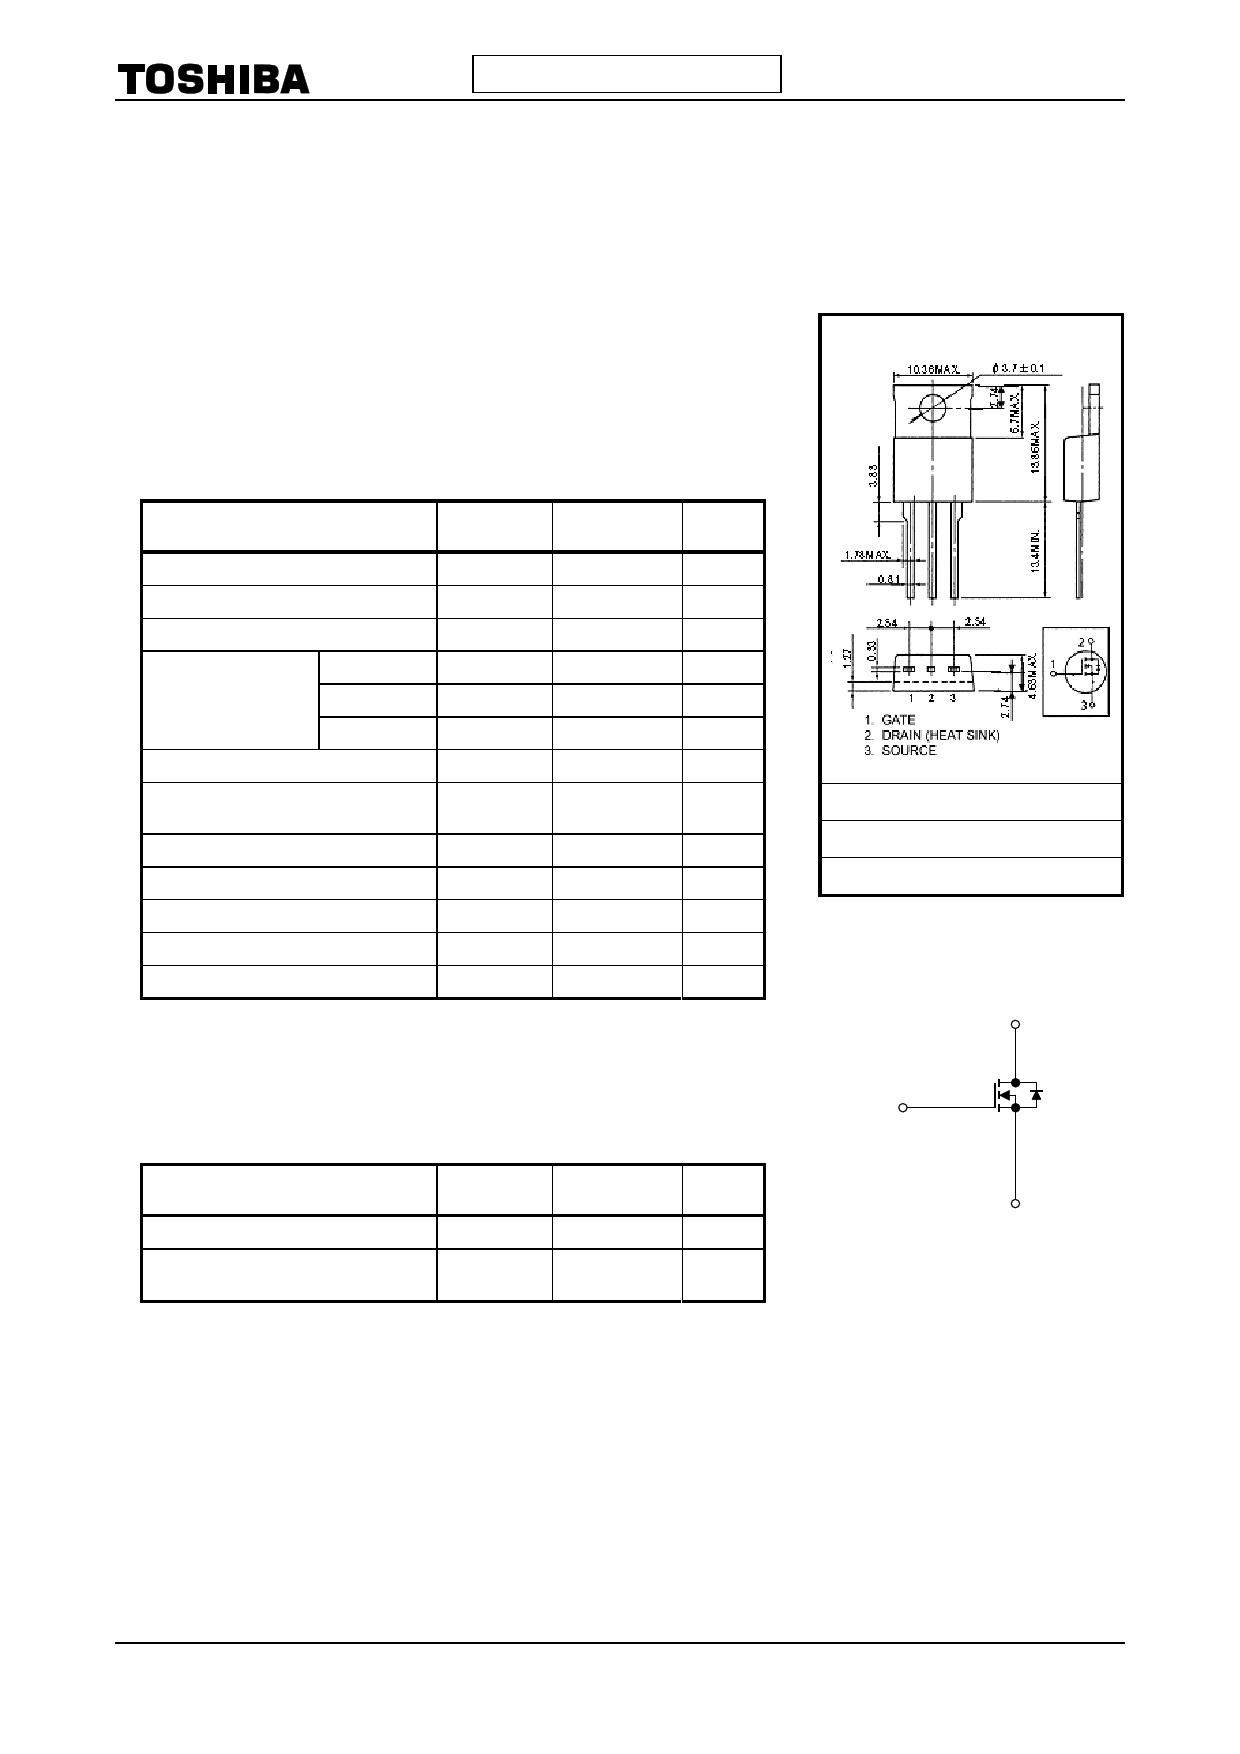 K80E08K3 datasheet image